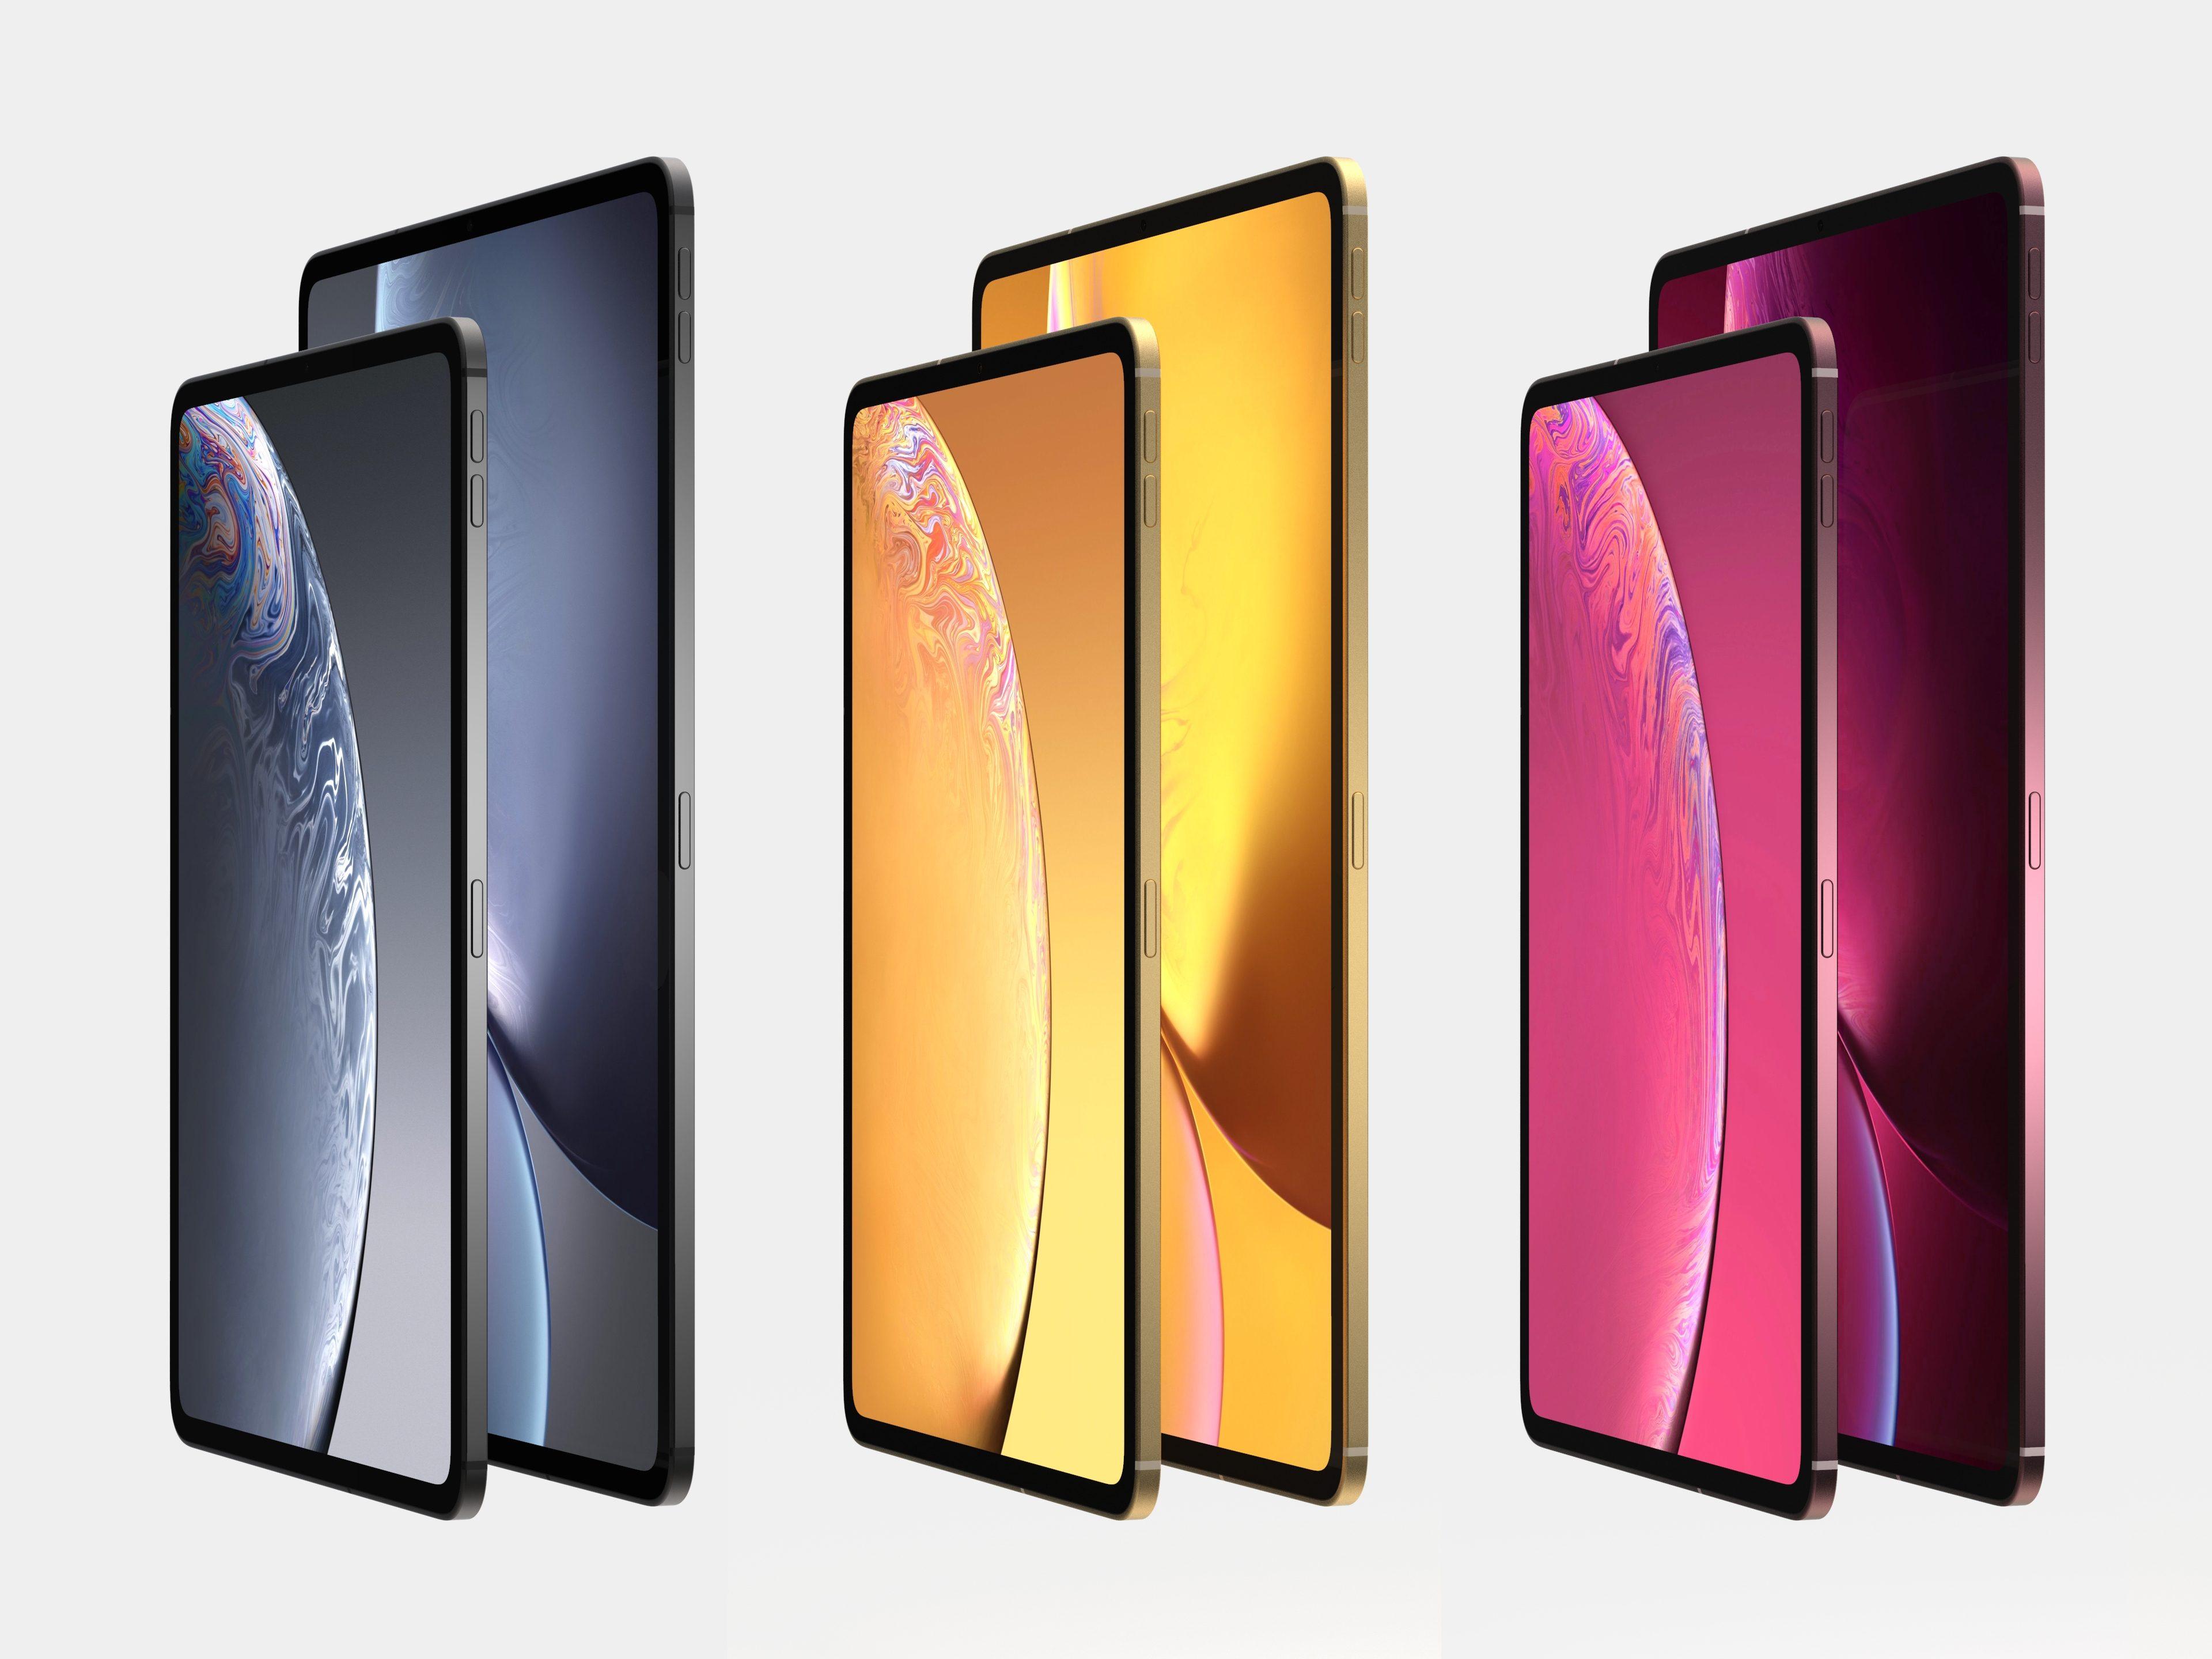 एप्पलको नयाँ आइप्याड प्रो, म्याकबुक एअर र म्याक मिनी